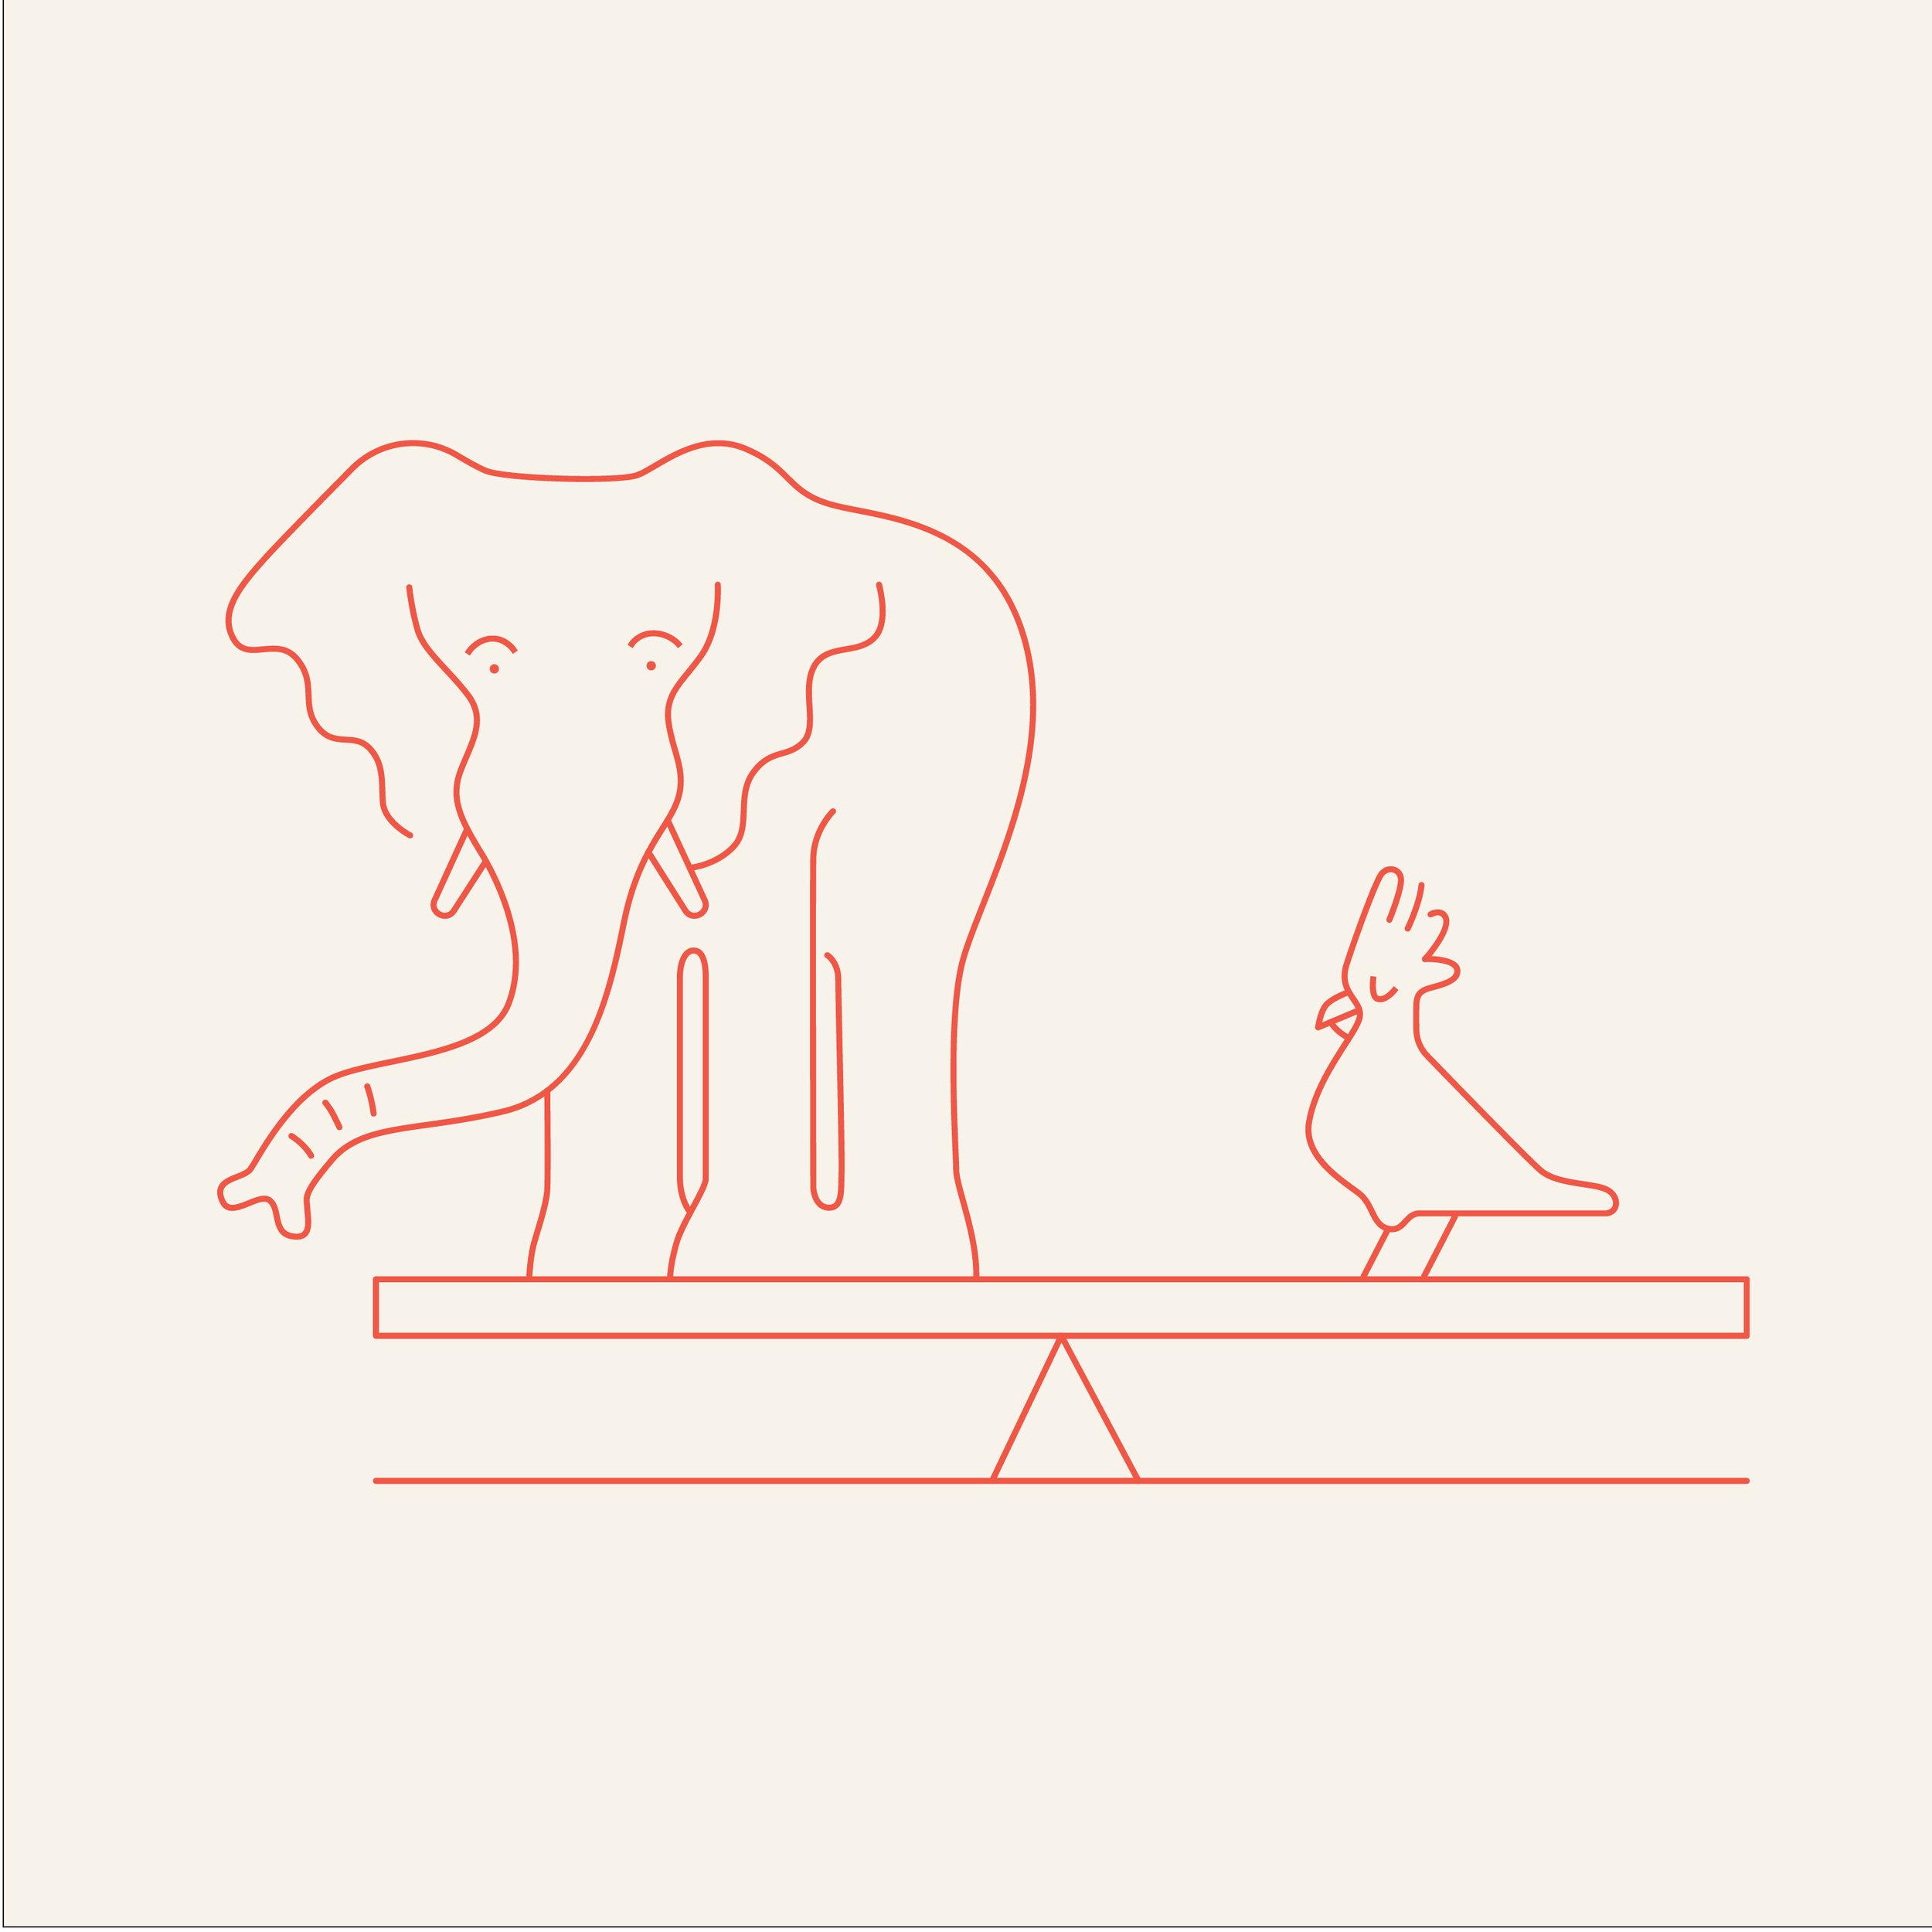 Antra_Svarcs_COBILD_elephant scales-1400px-01.jpg